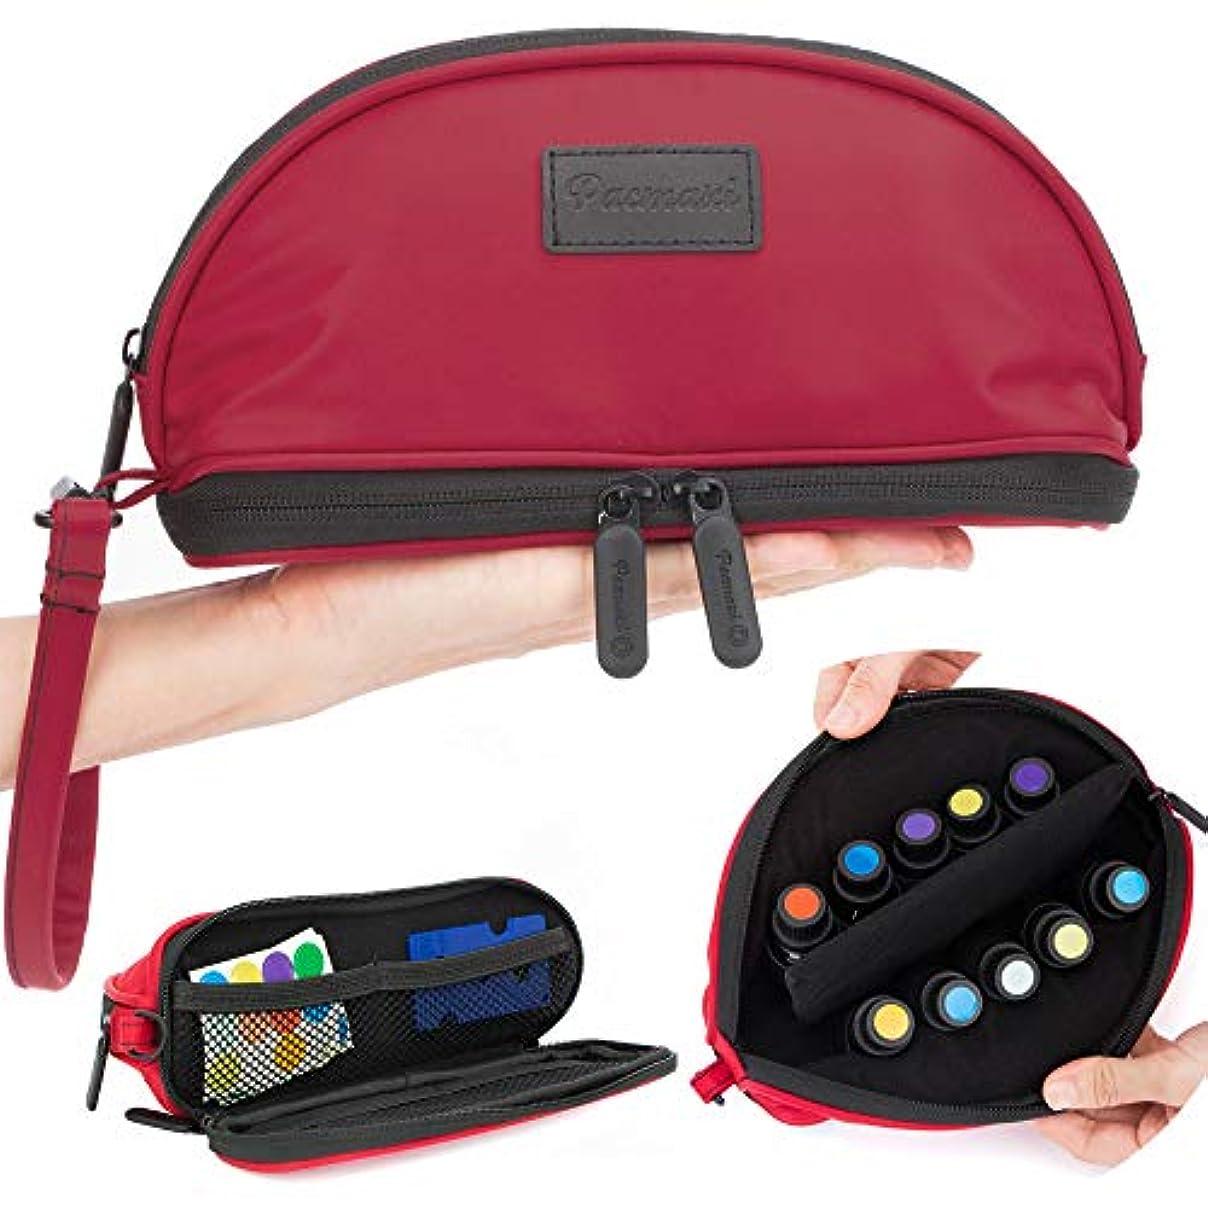 喪受ける瞑想する[Pacmaxi]エッセンシャルオイル 収納ポーチ 携帯便利 旅行 10本収納(5ml - 15ml) ナイロン製 撥水加工 ストラップあり (レッド)